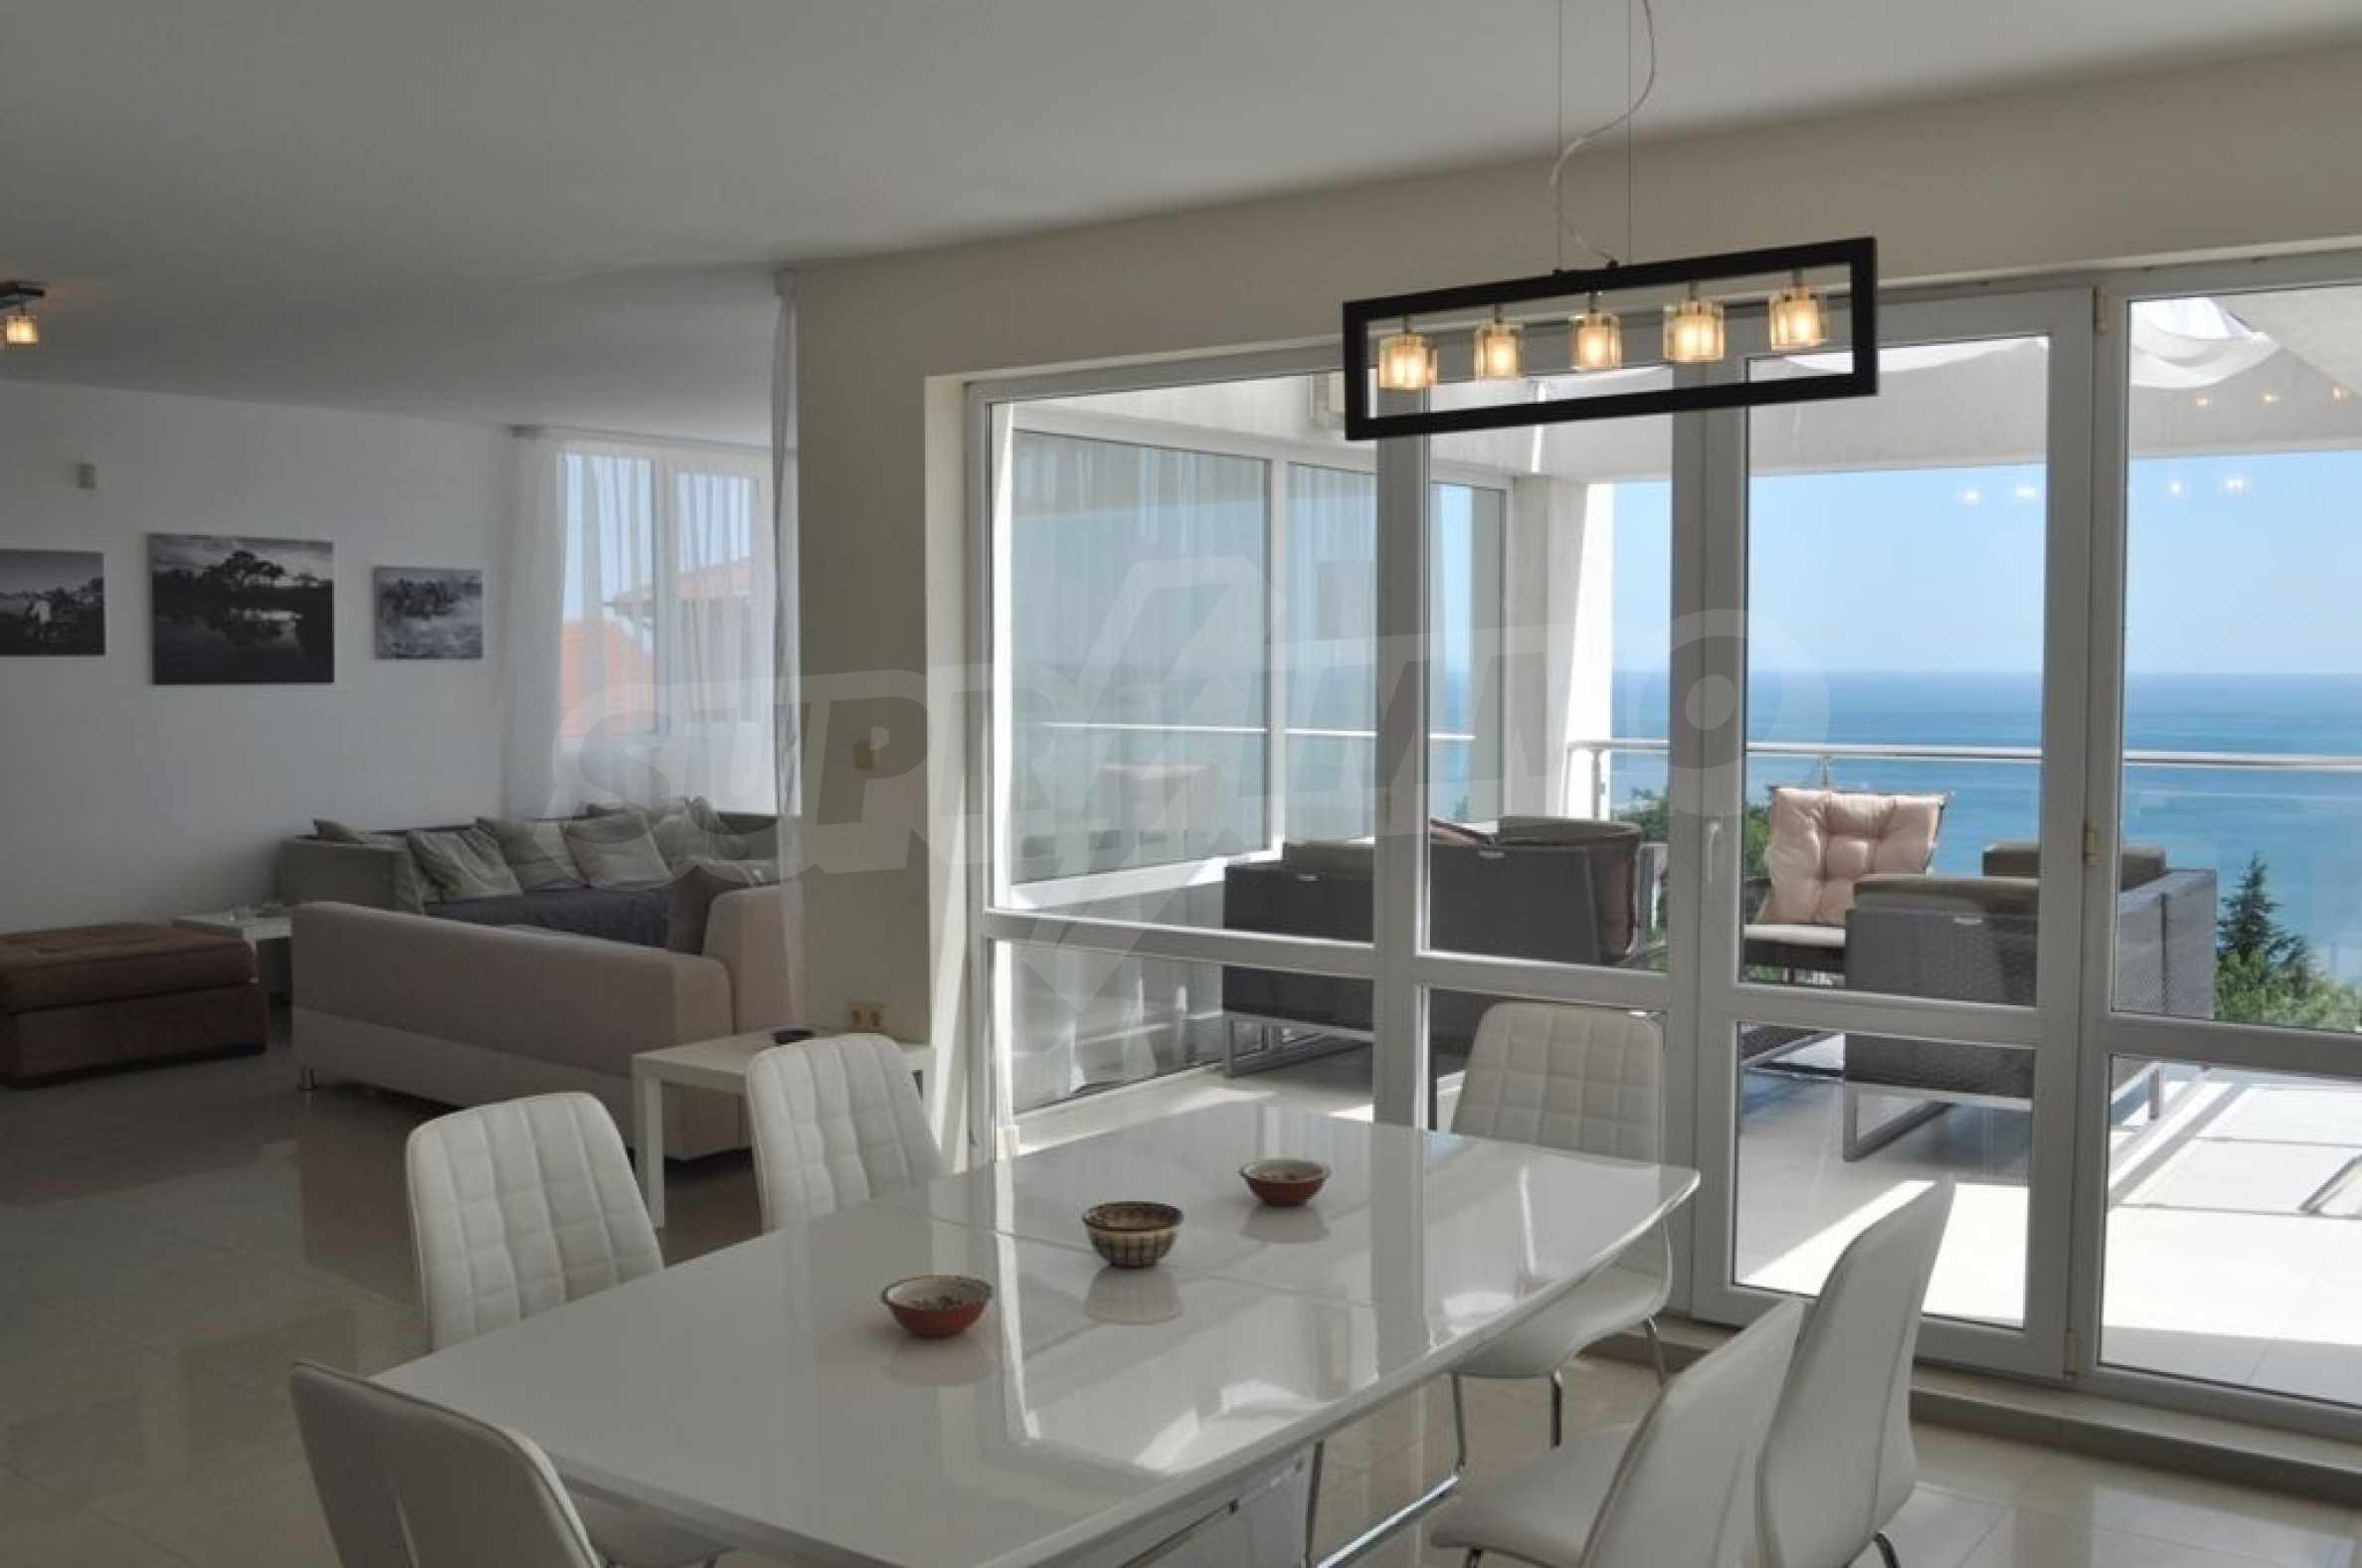 Luxusvilla mit 4 Schlafzimmern zu vermieten in der Nähe des Resorts. Albena 4